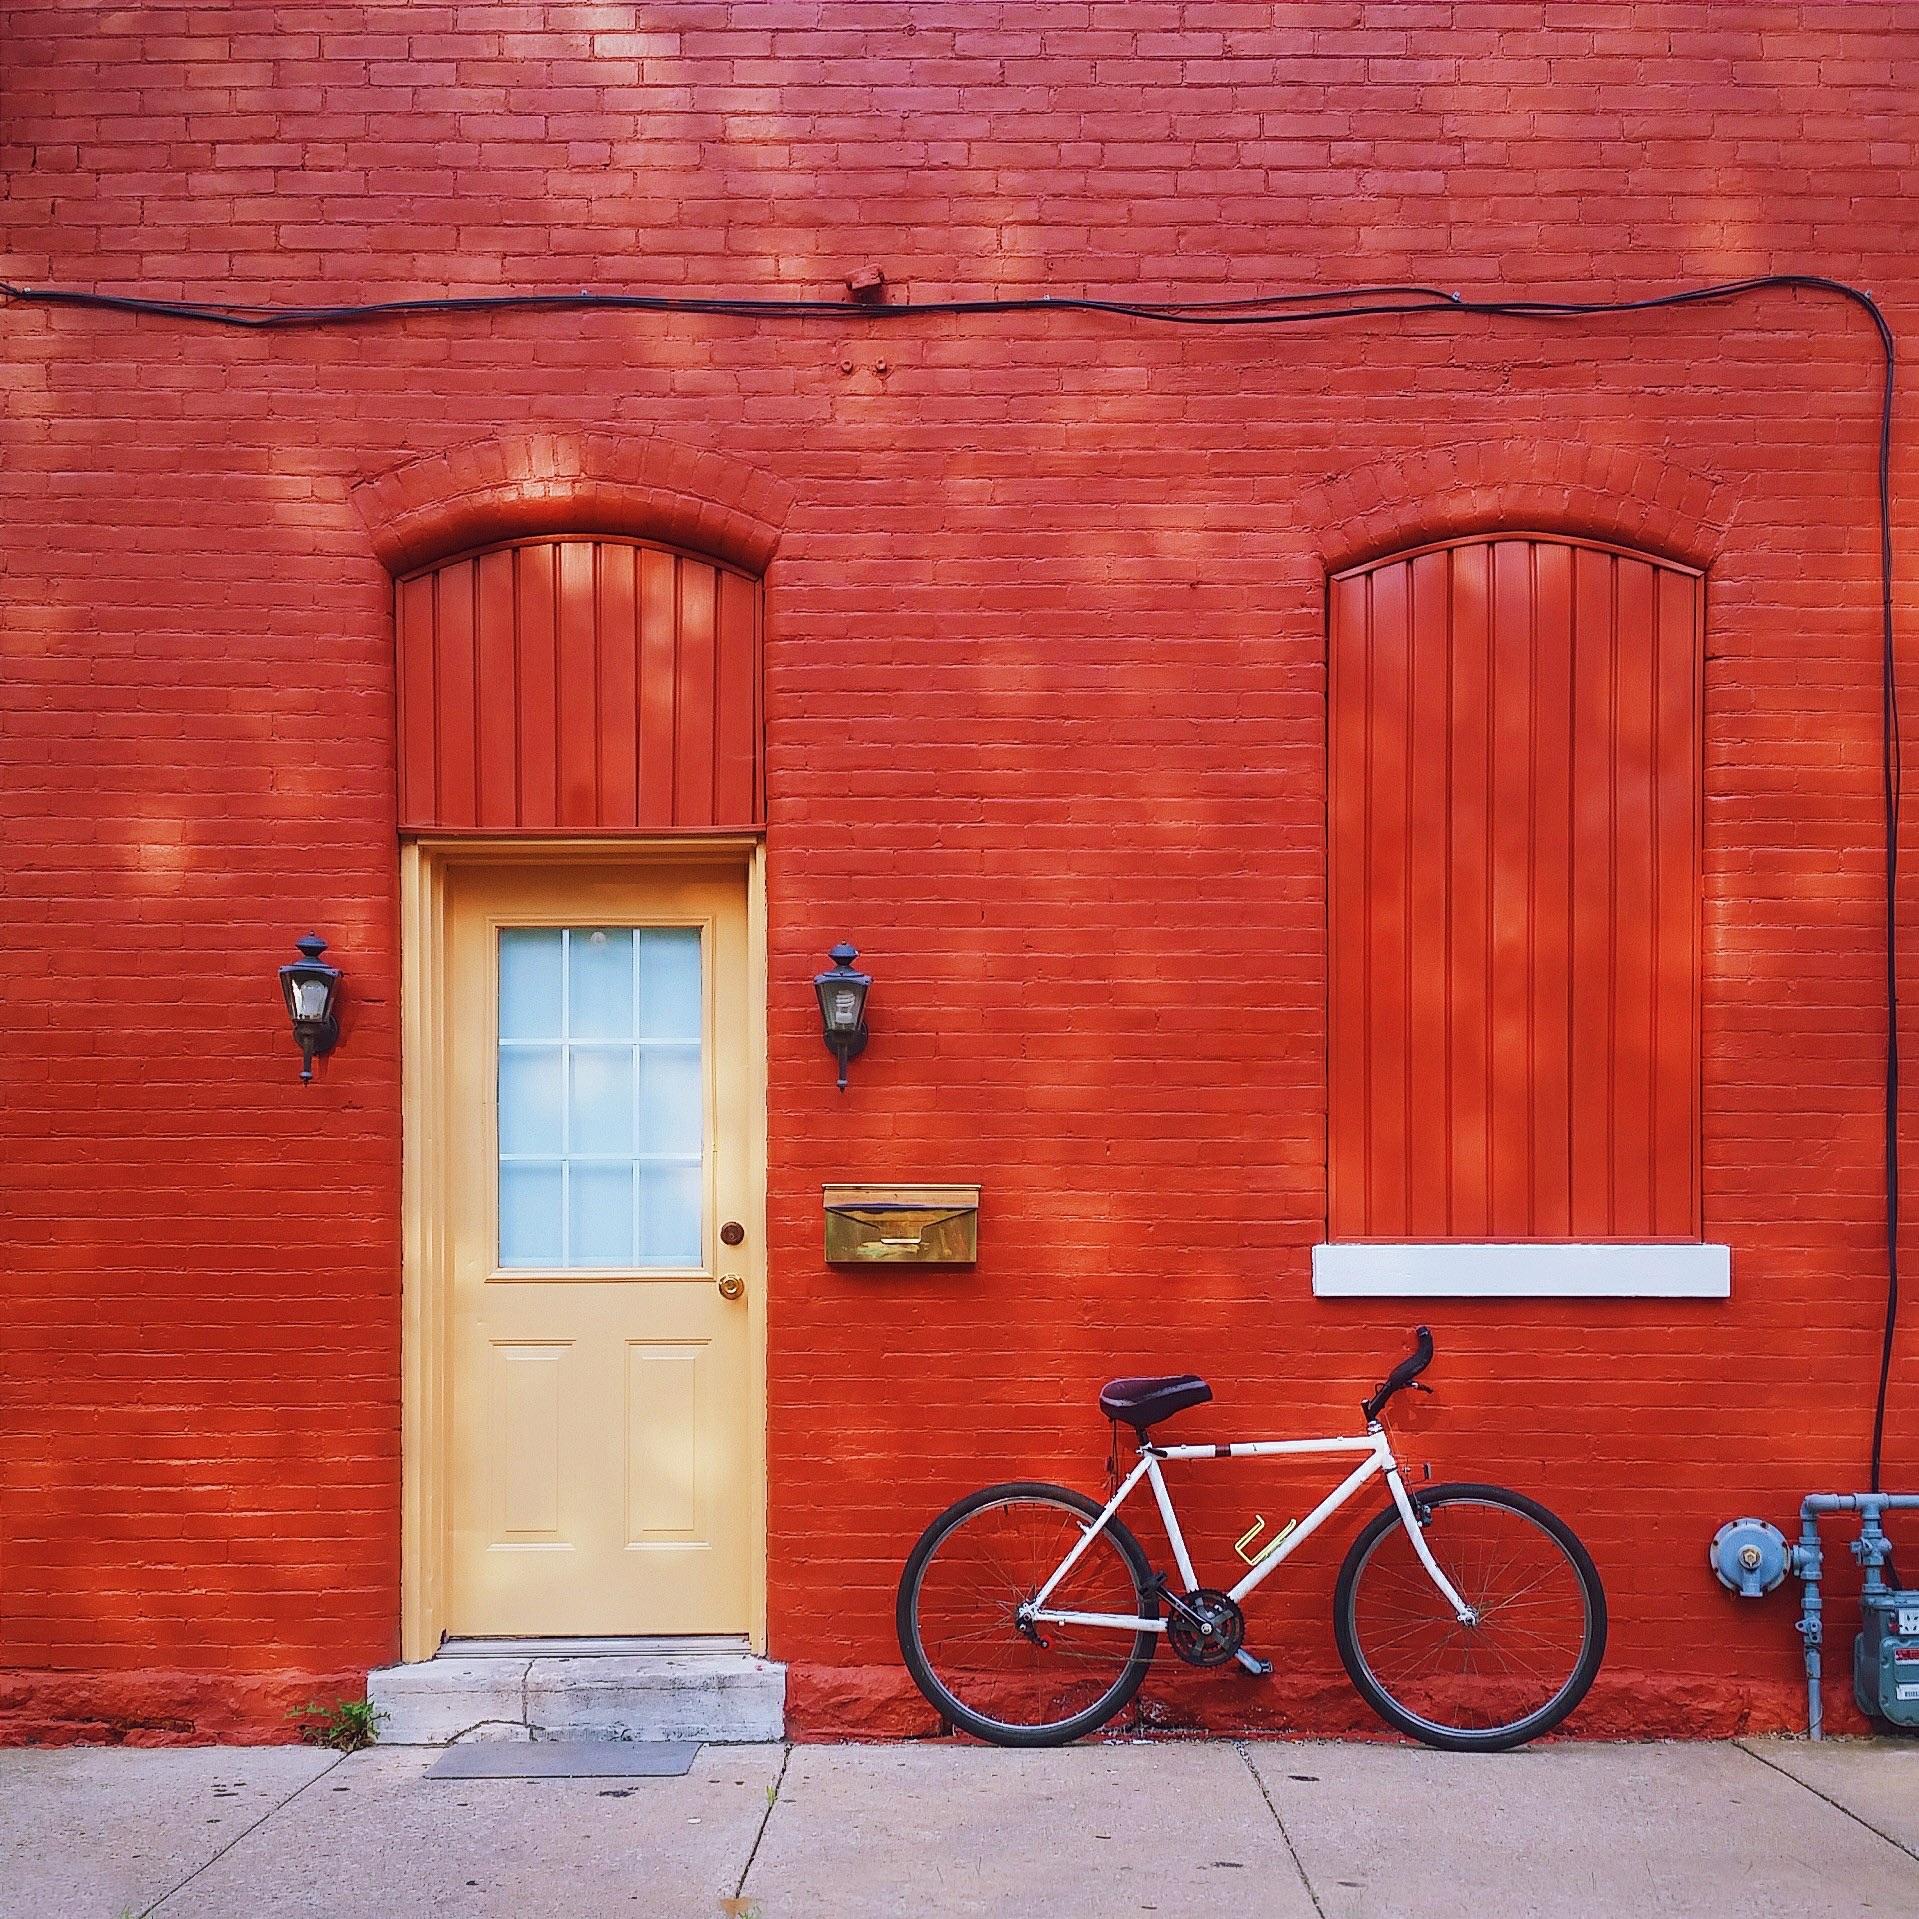 Images Gratuites Bois Maison Velo Mur Rouge Couleur Facade